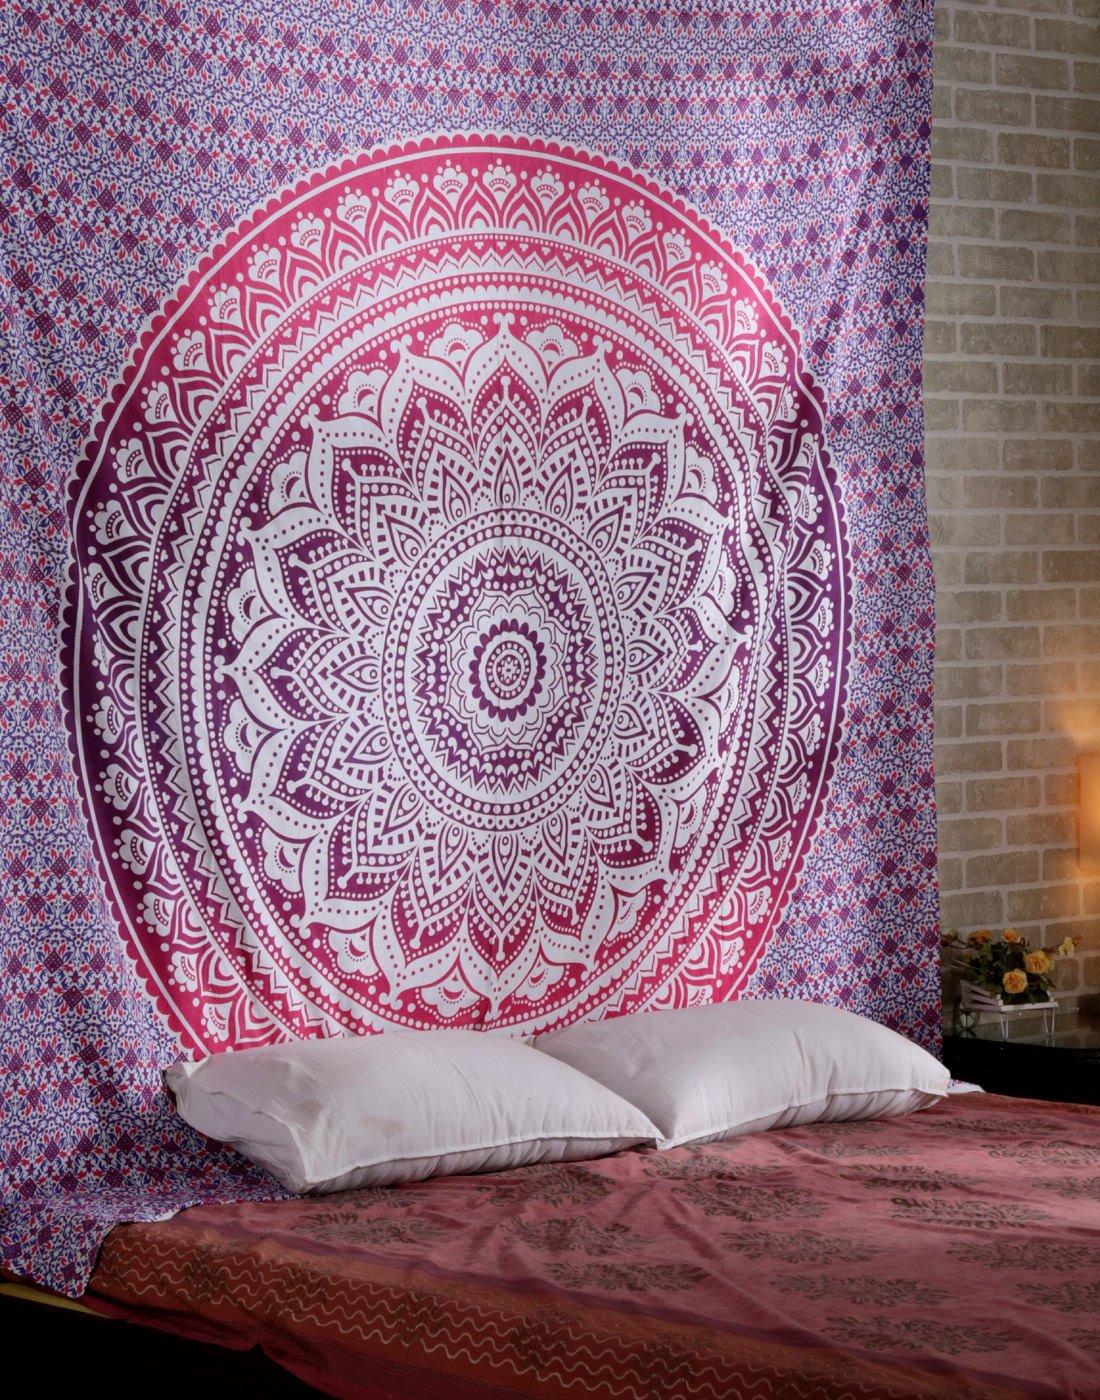 100/% coton indien fait /à la main hippie tapisseries tapisseries hippie Dortoir tapisseries Mandala tapisseries Floral Ombre Mandala tapisseries 228,6/&nbs Indian Tapisserie Tenture murale Tapisserie murale Tenture murale Bohemian tapisseries